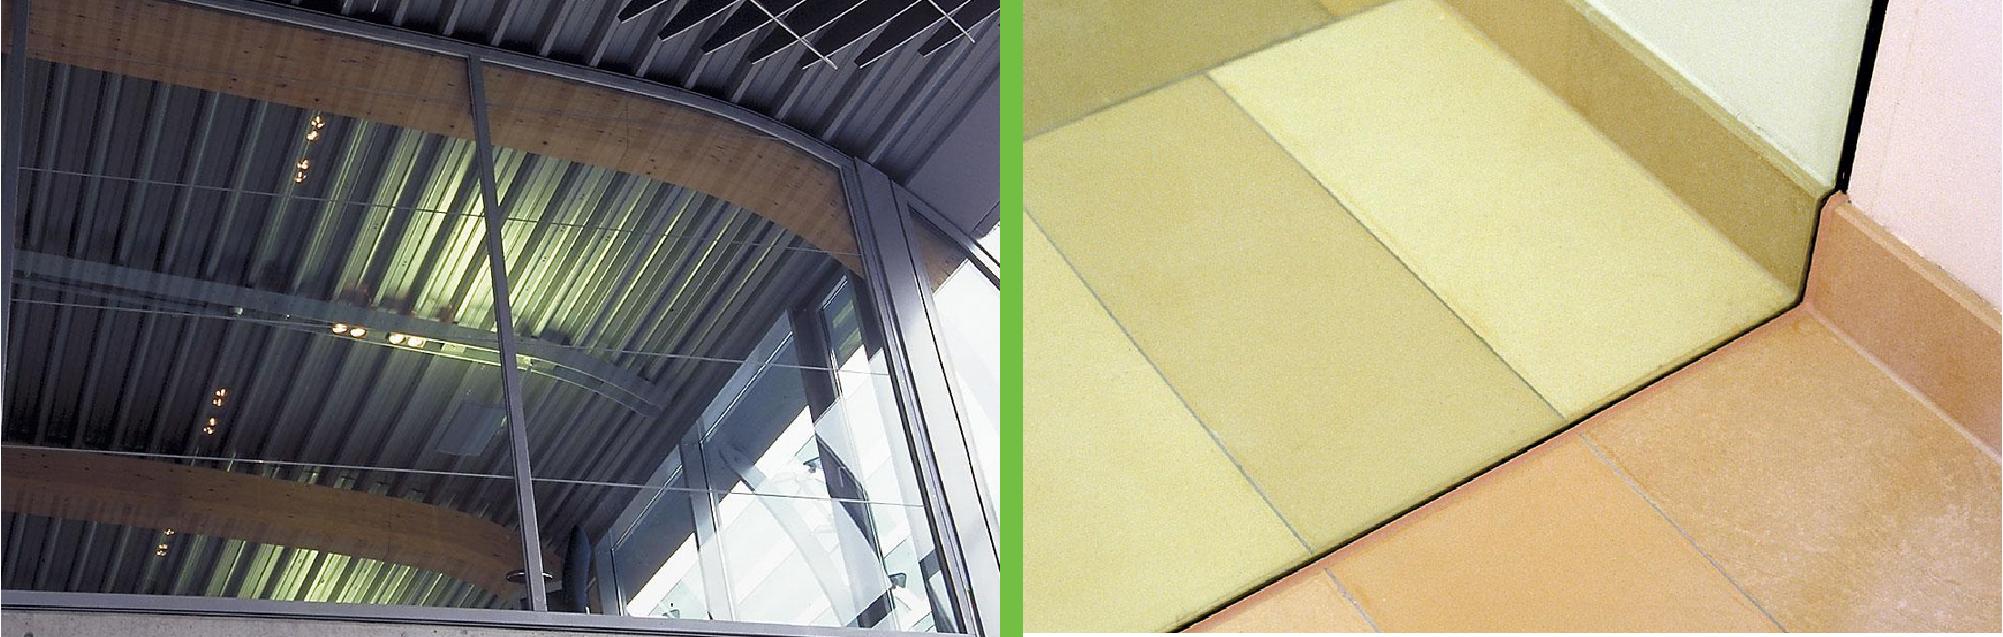 Ugunsdrošo stikla konstrukciju drošība griesti grīda